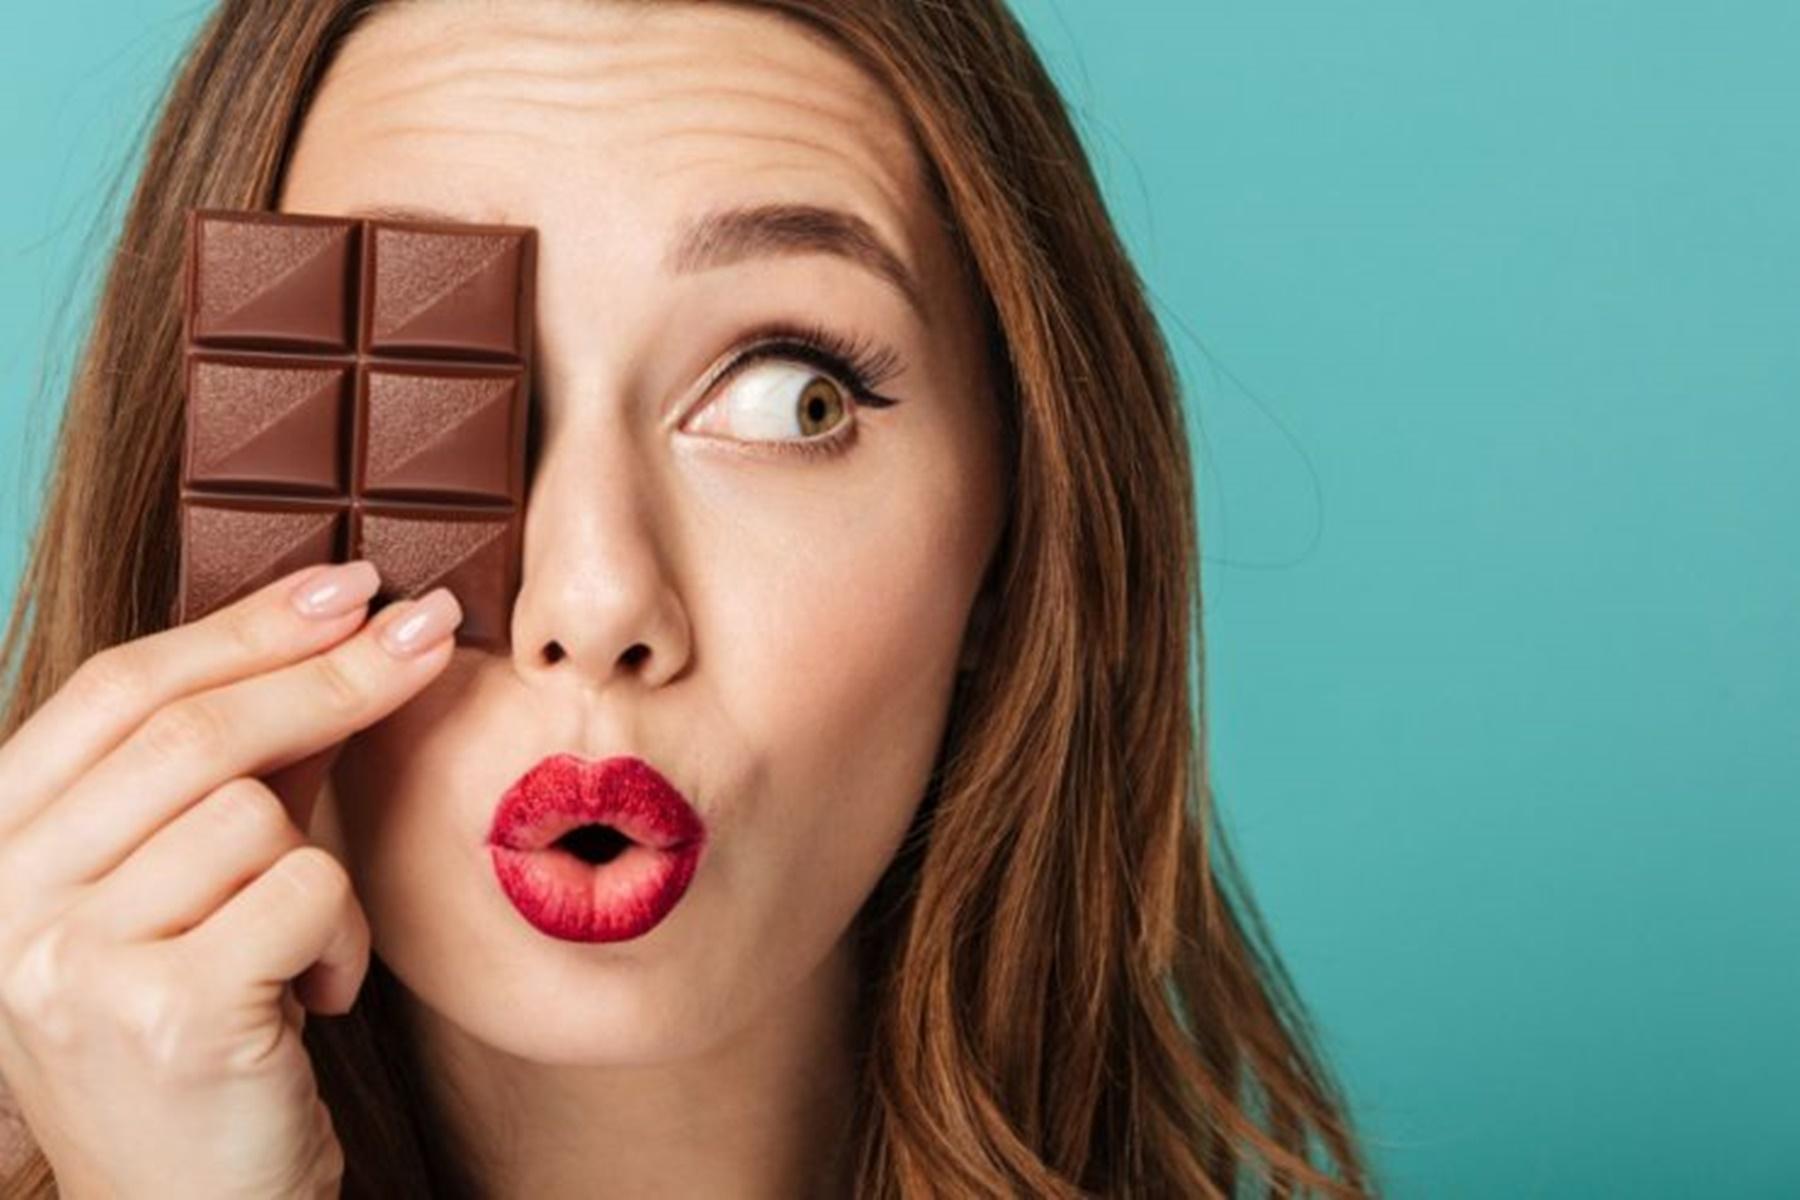 Ομορφιά Tips: Μακιγιάζ  για να είσαι ακαταμάχητη